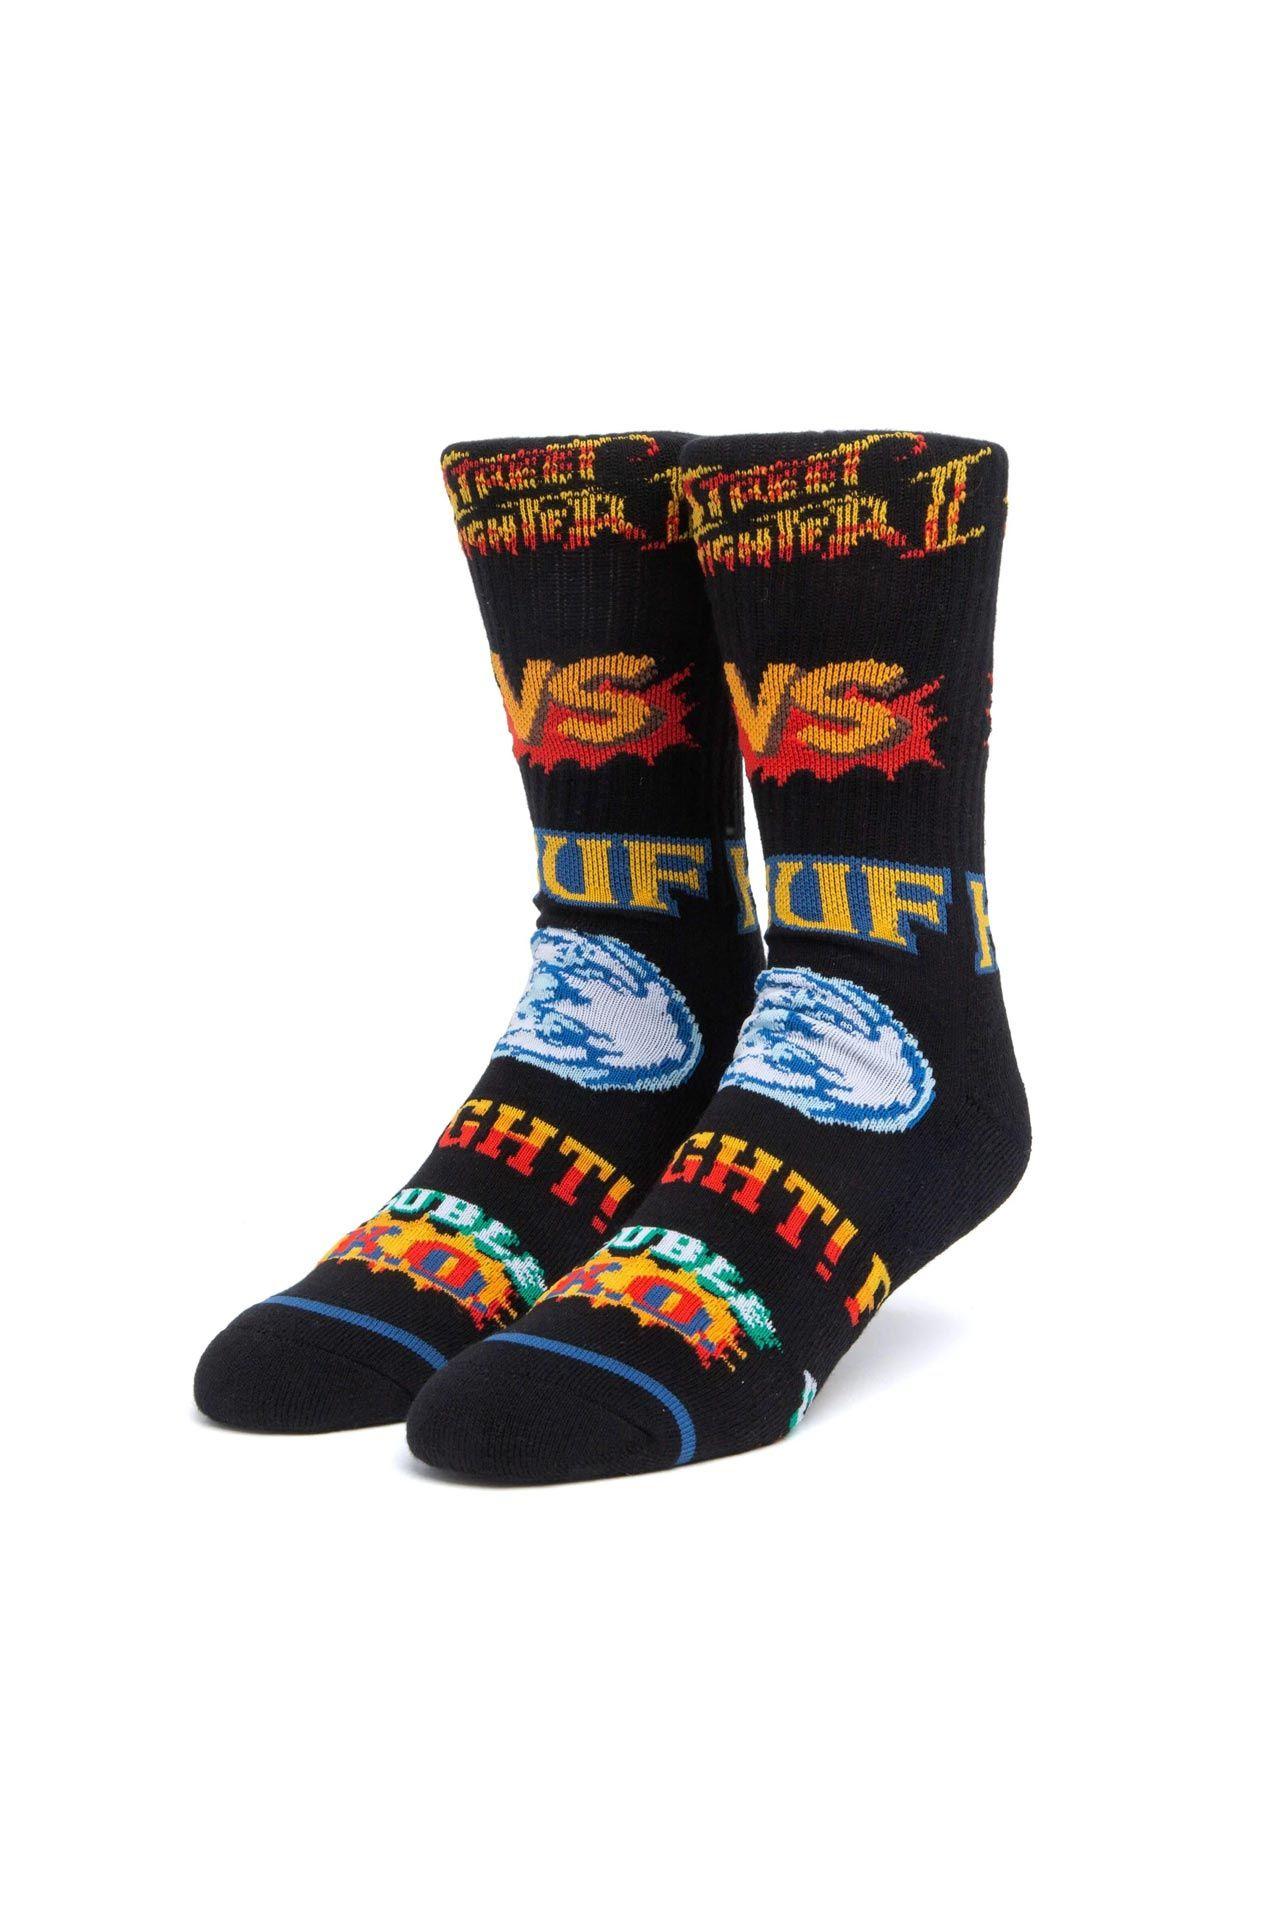 Afbeelding van HUF Sokken Street Fighter Graphic Sock Black SK00636